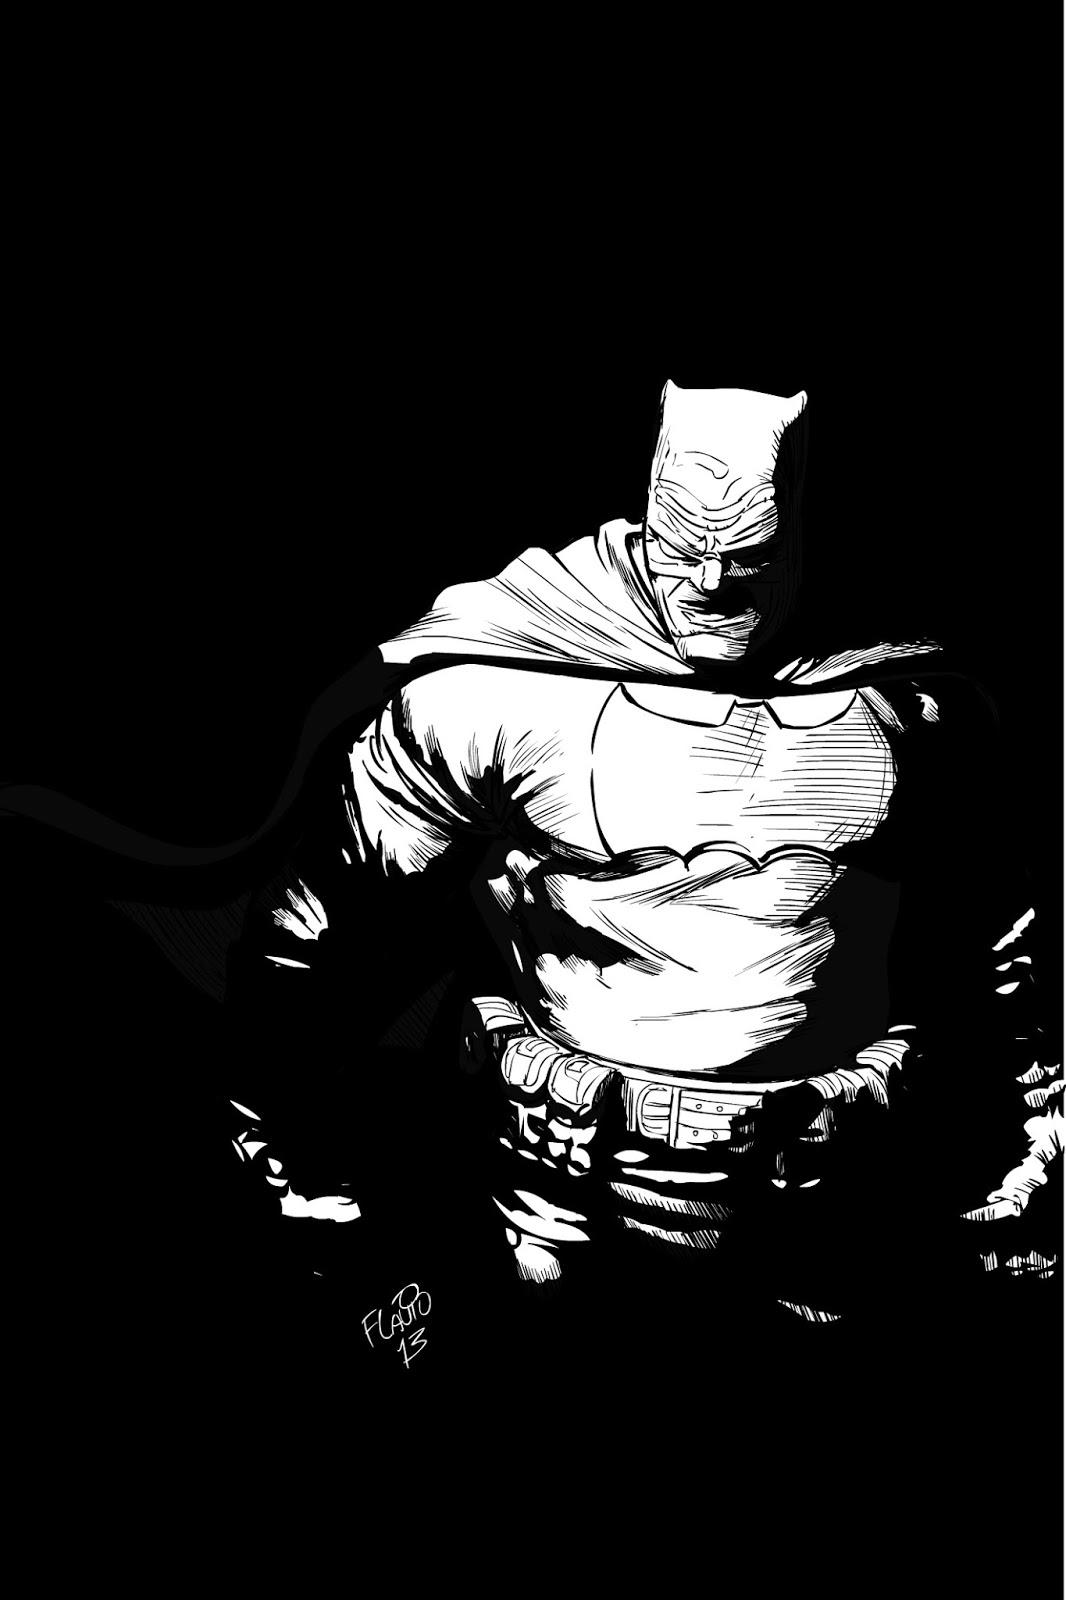 The Dark Knight Returns Quotes. QuotesGram